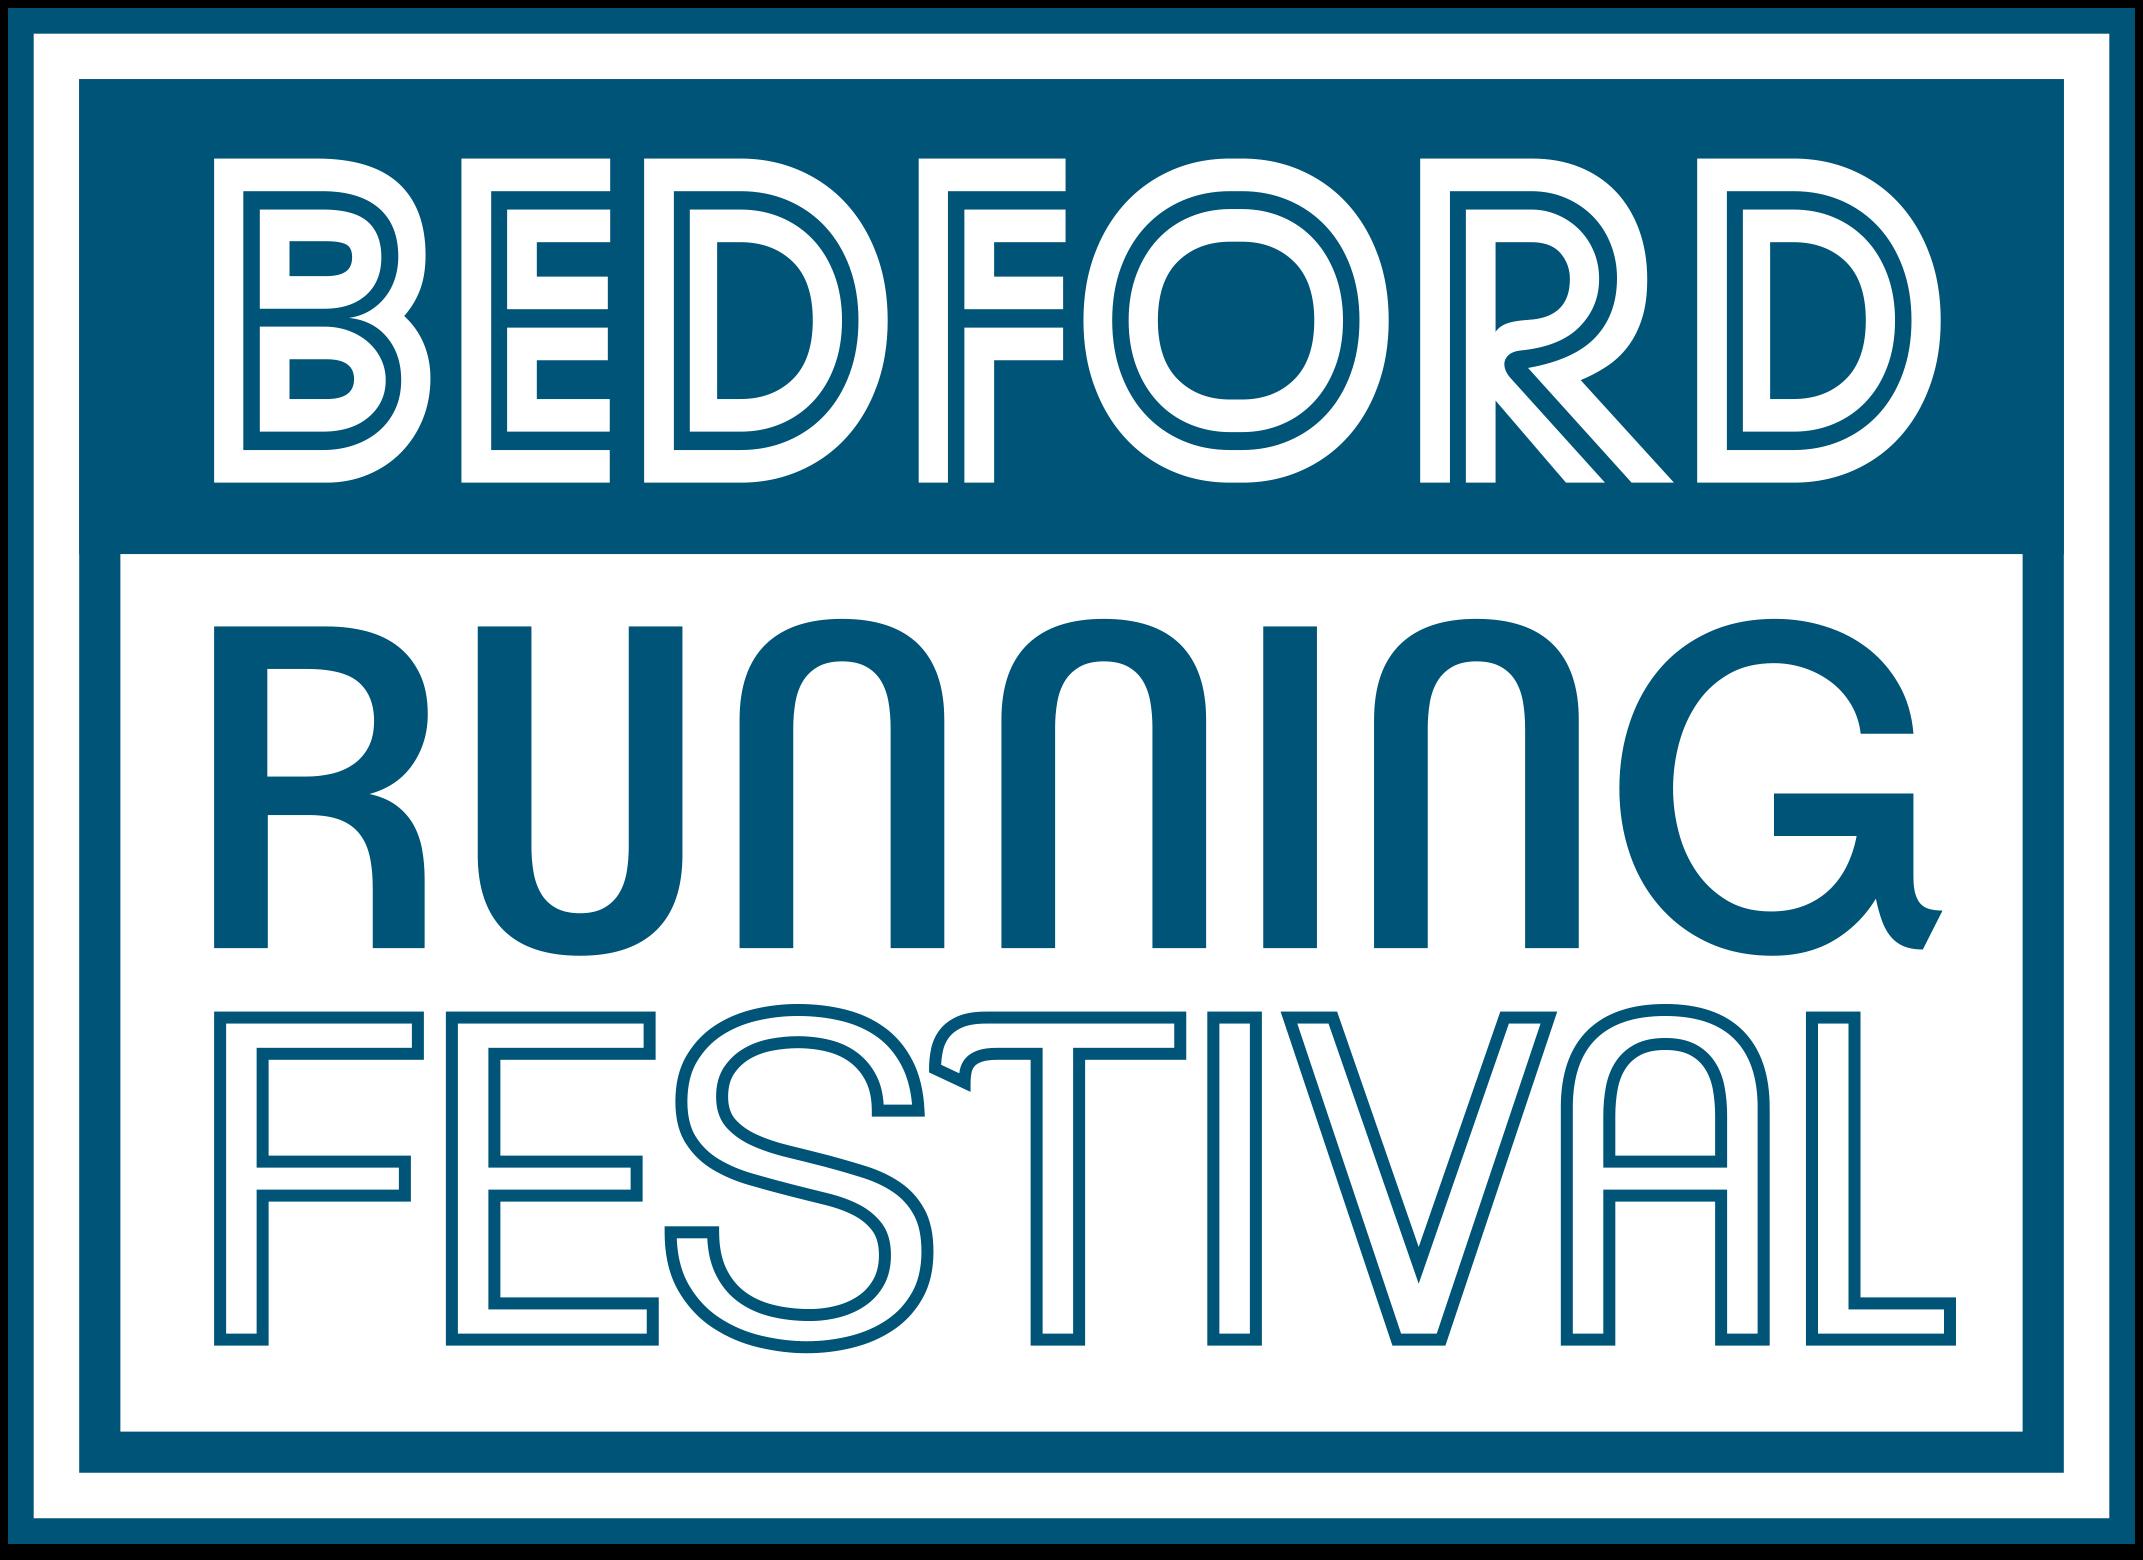 Bedford Running Festival's logo